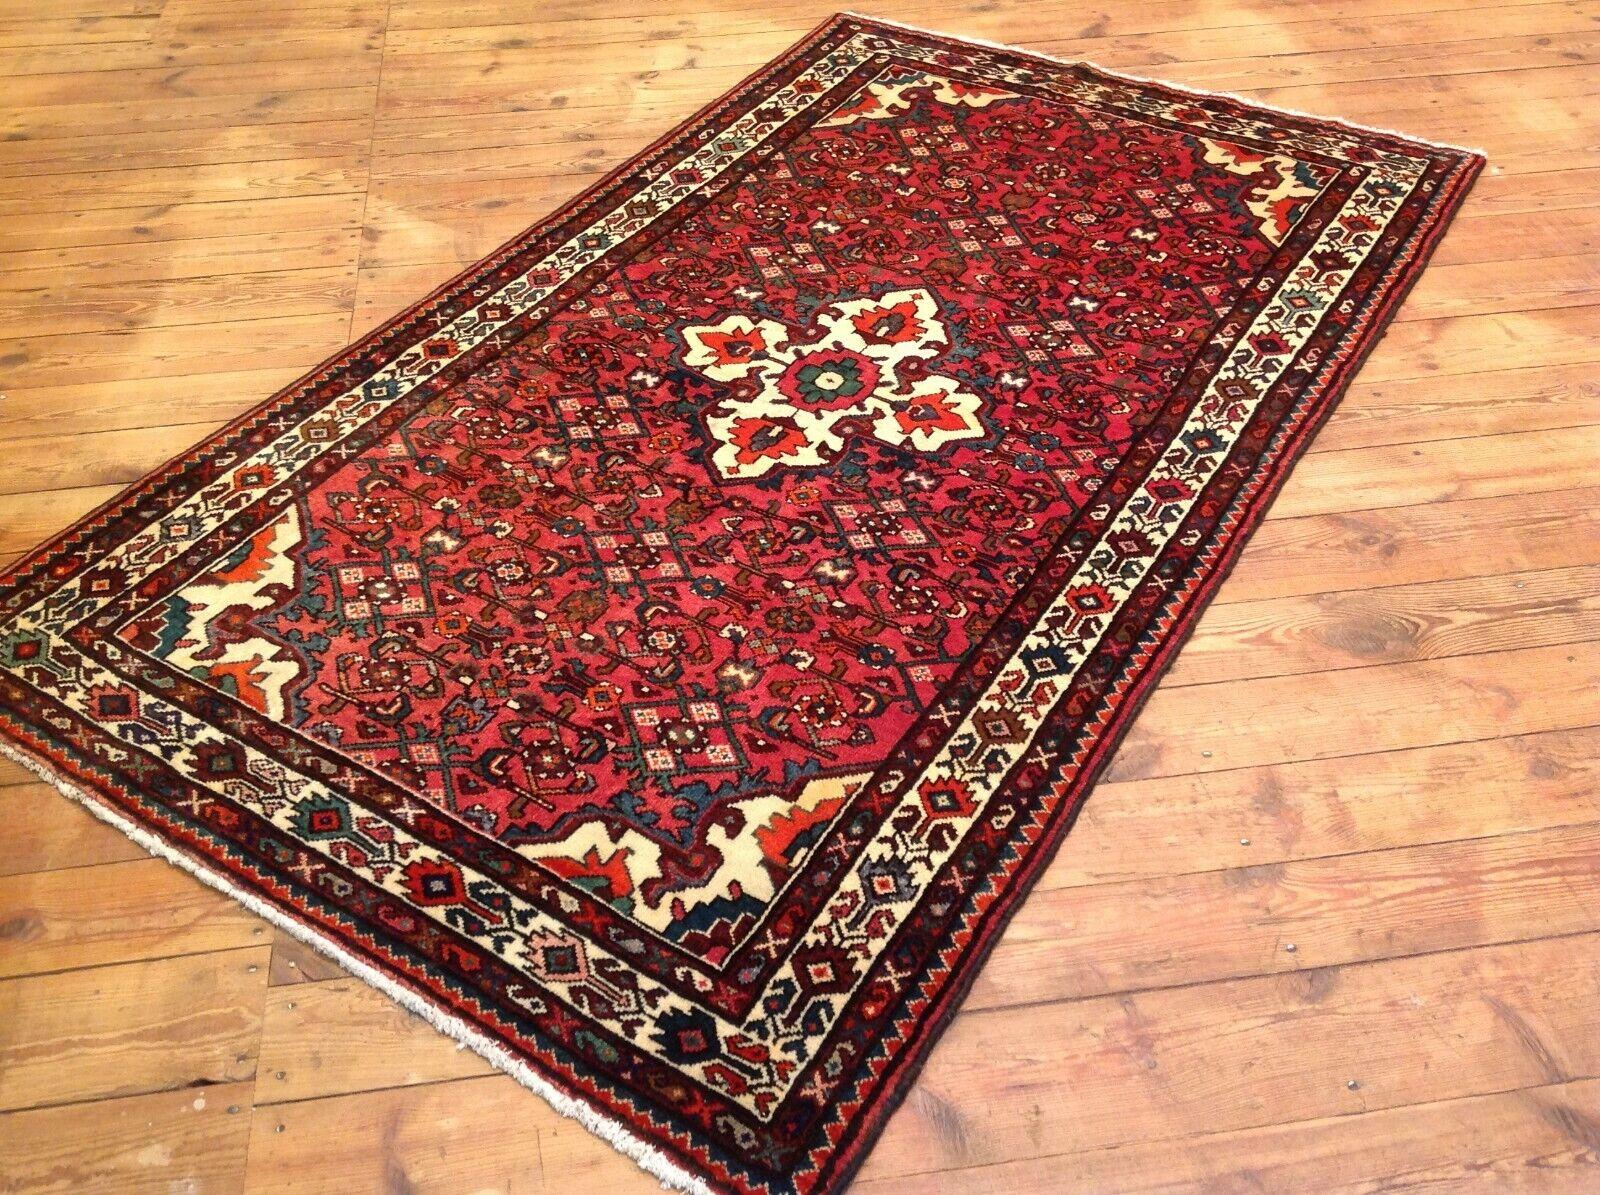 Precioso alfombra persa Hamadan 230 x 130 cm Orient alfombra top estado nuevo